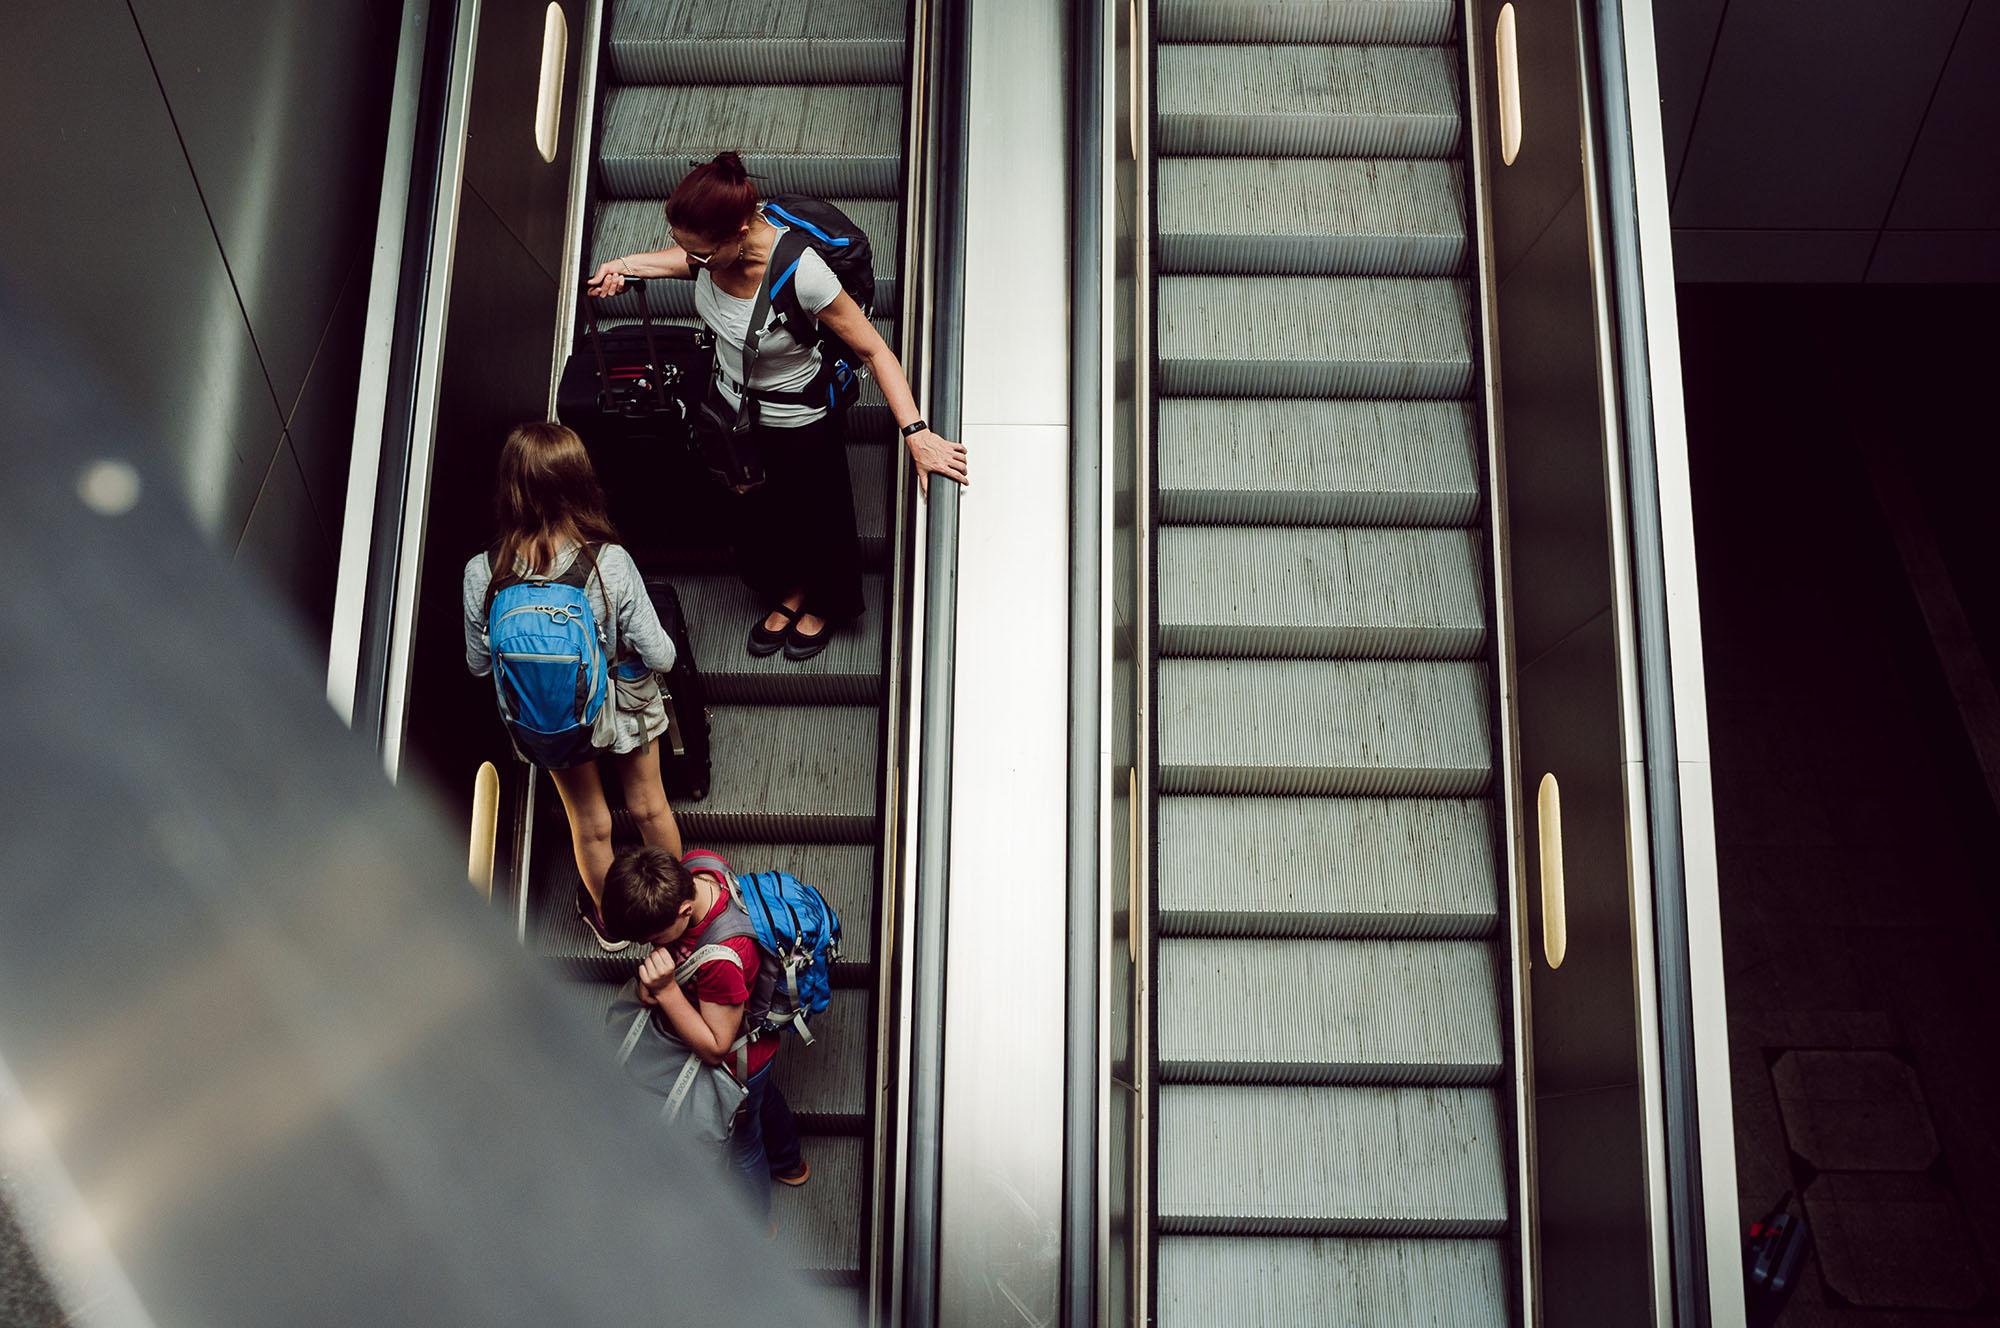 berlin escalator train station